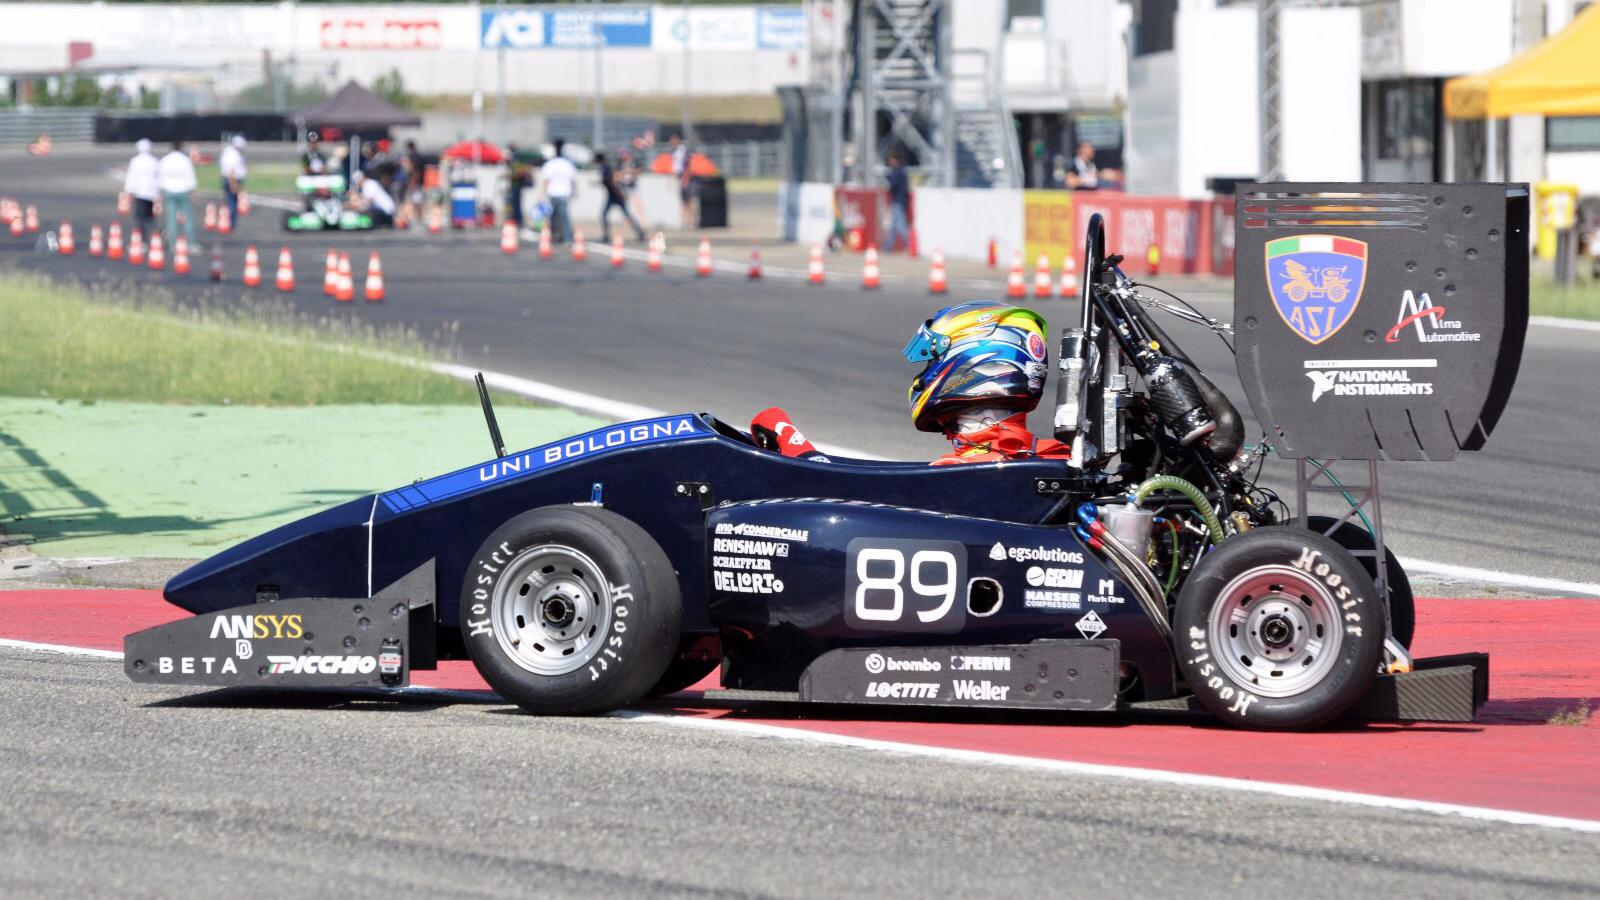 Unibo Motorsport: la ricerca degli studenti applicata su auto e moto da corsa.